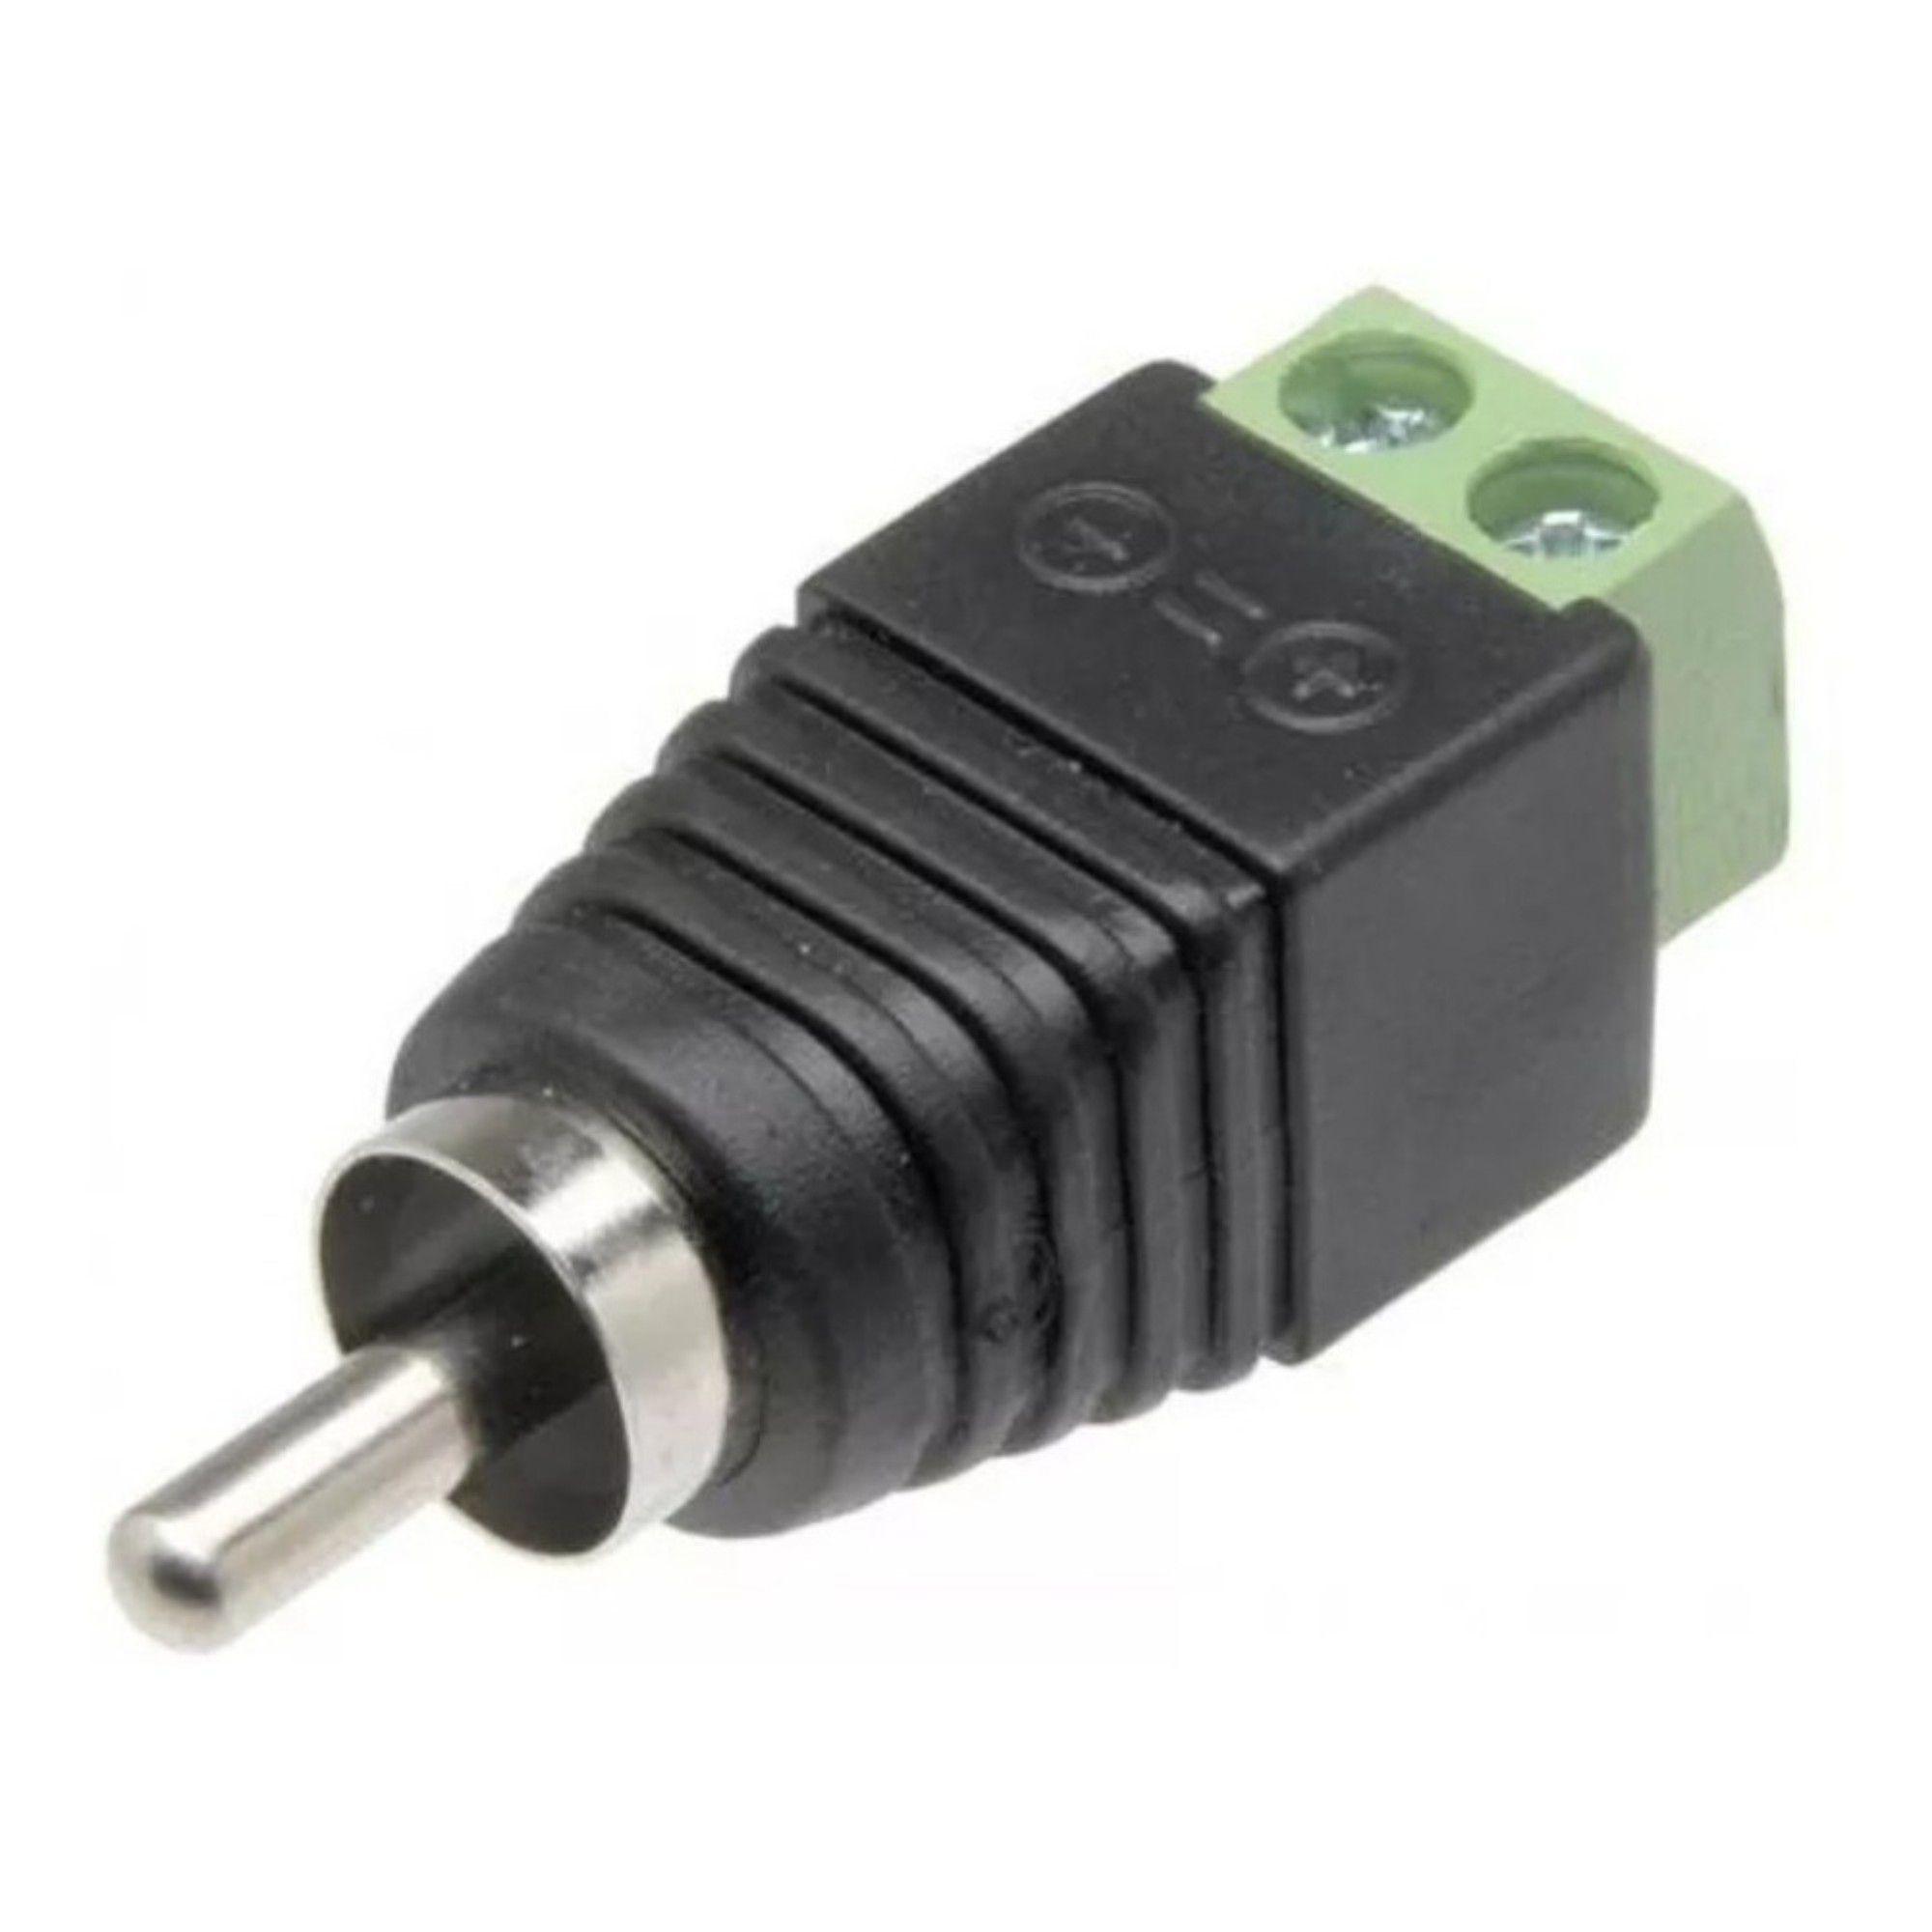 Conector RCA C/ Borne C/ 5 unidades JPX